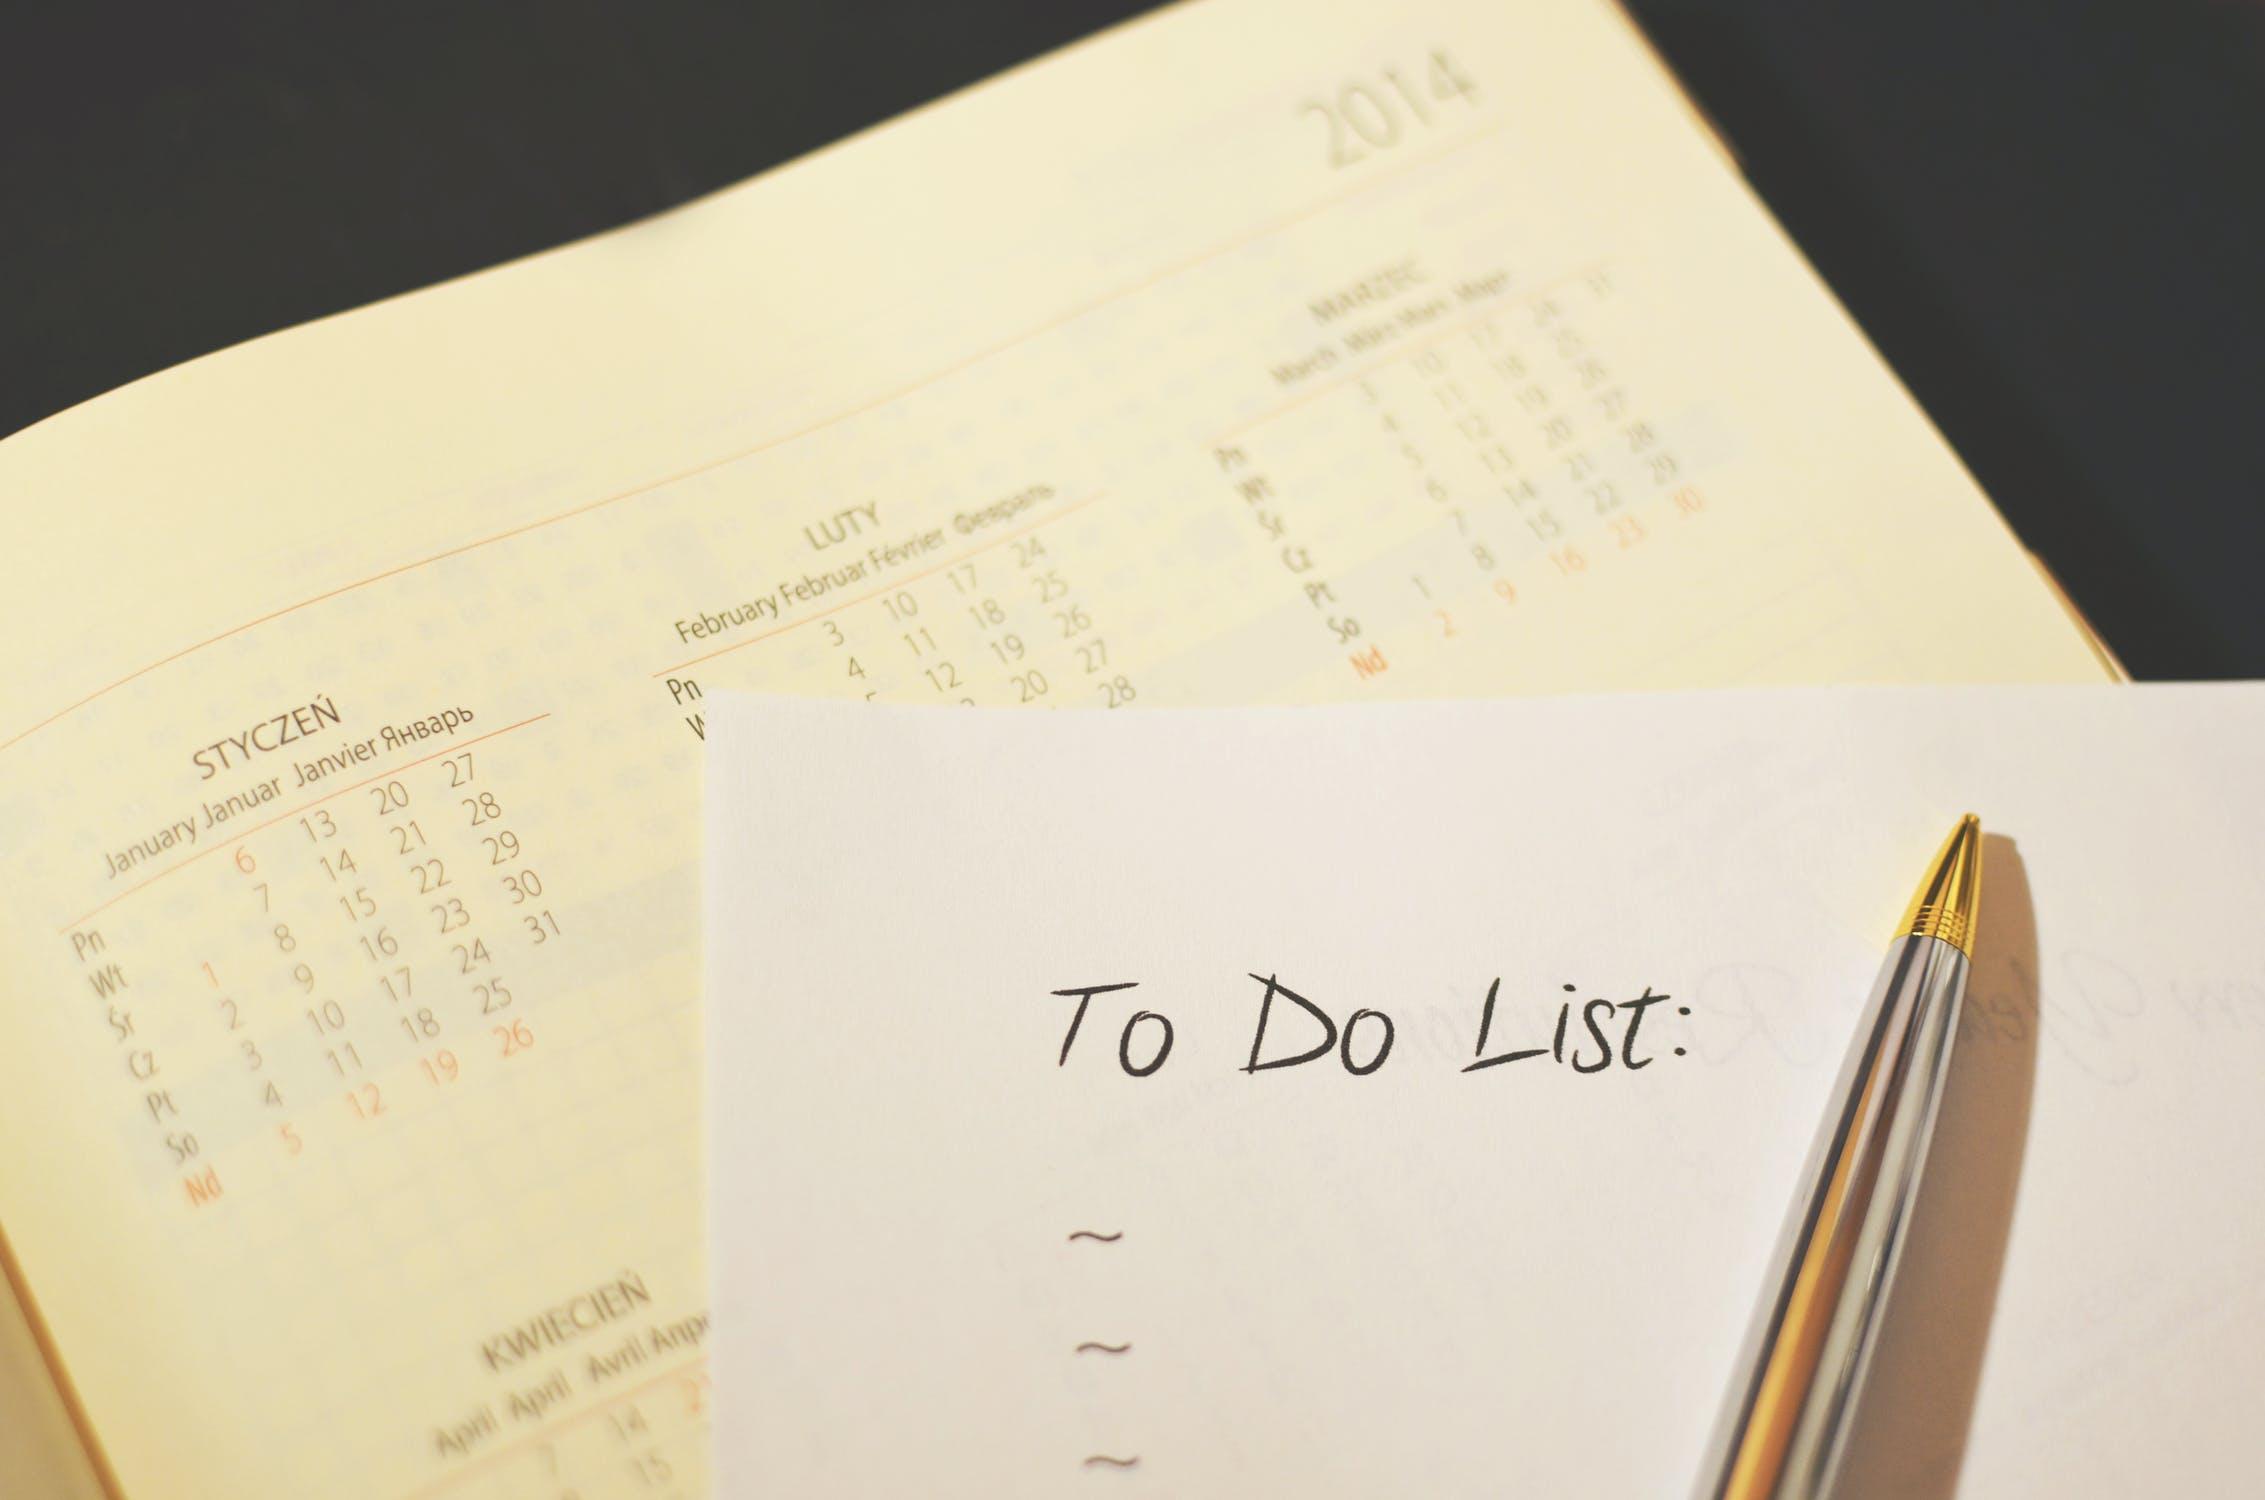 To-do list and calendar